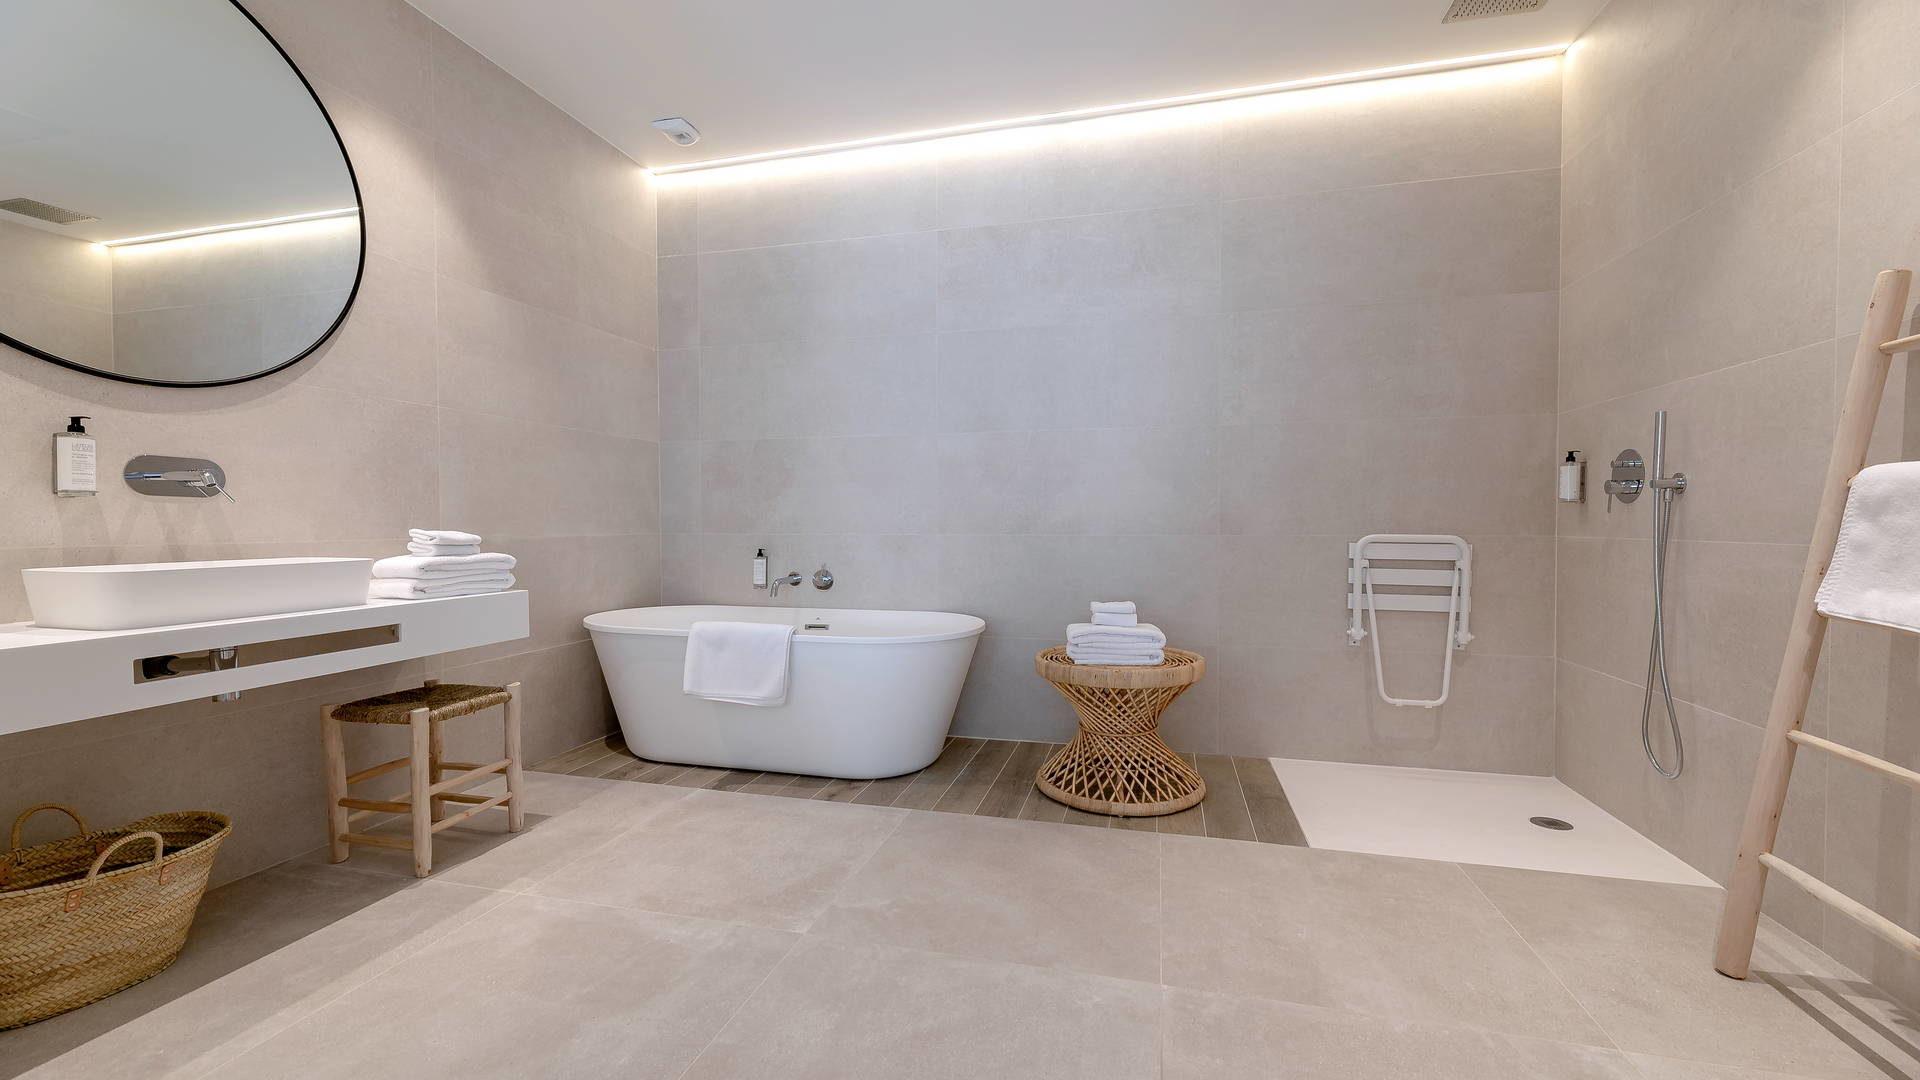 Salle de bain spacieuse hotel occitanie